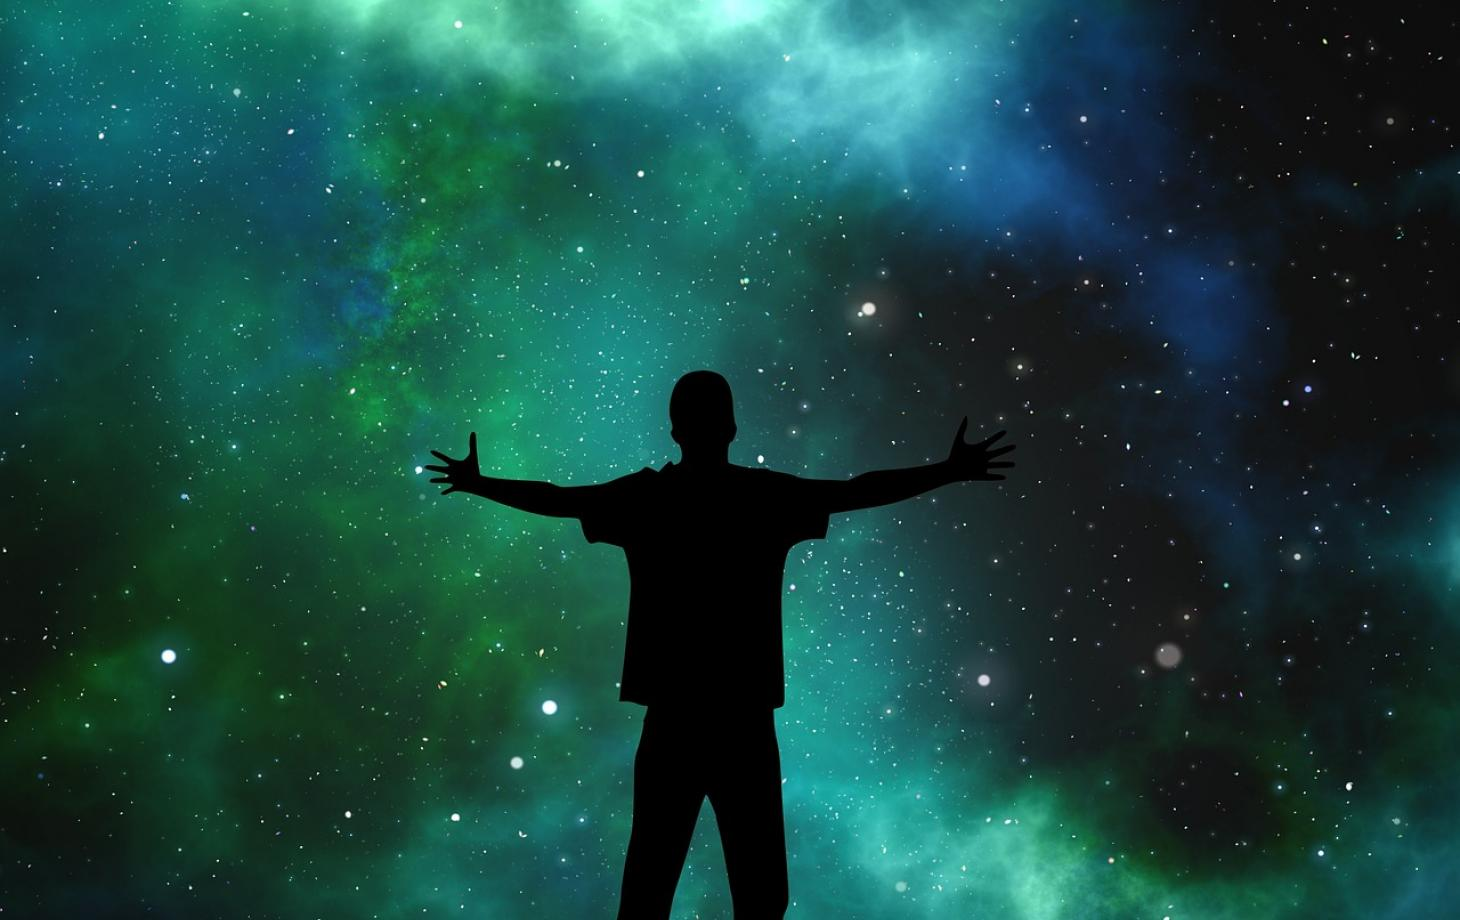 Гороскоп на 22 квітня для всіх знаків Зодіаку: Павло Глоба радить Овнам розслабитися, а Водоліям не витрачати гроші марно  - today.ua